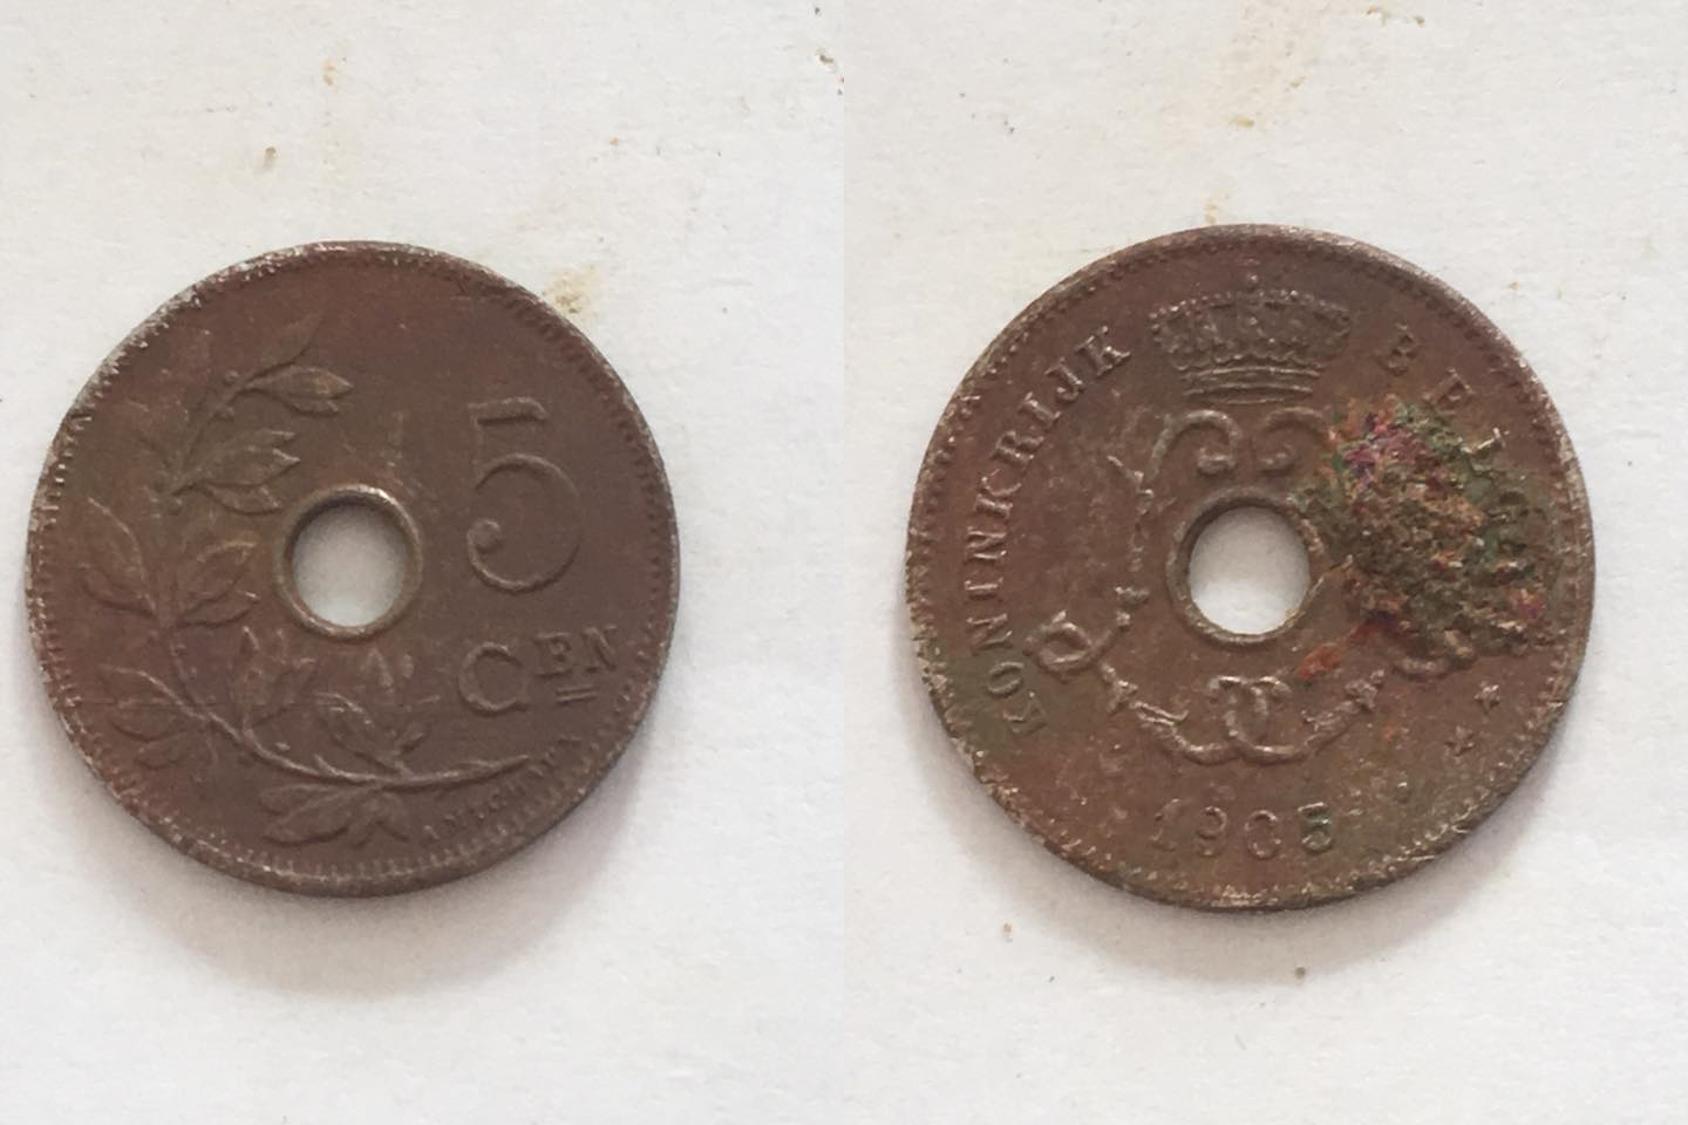 5 belgische cent (kluit)